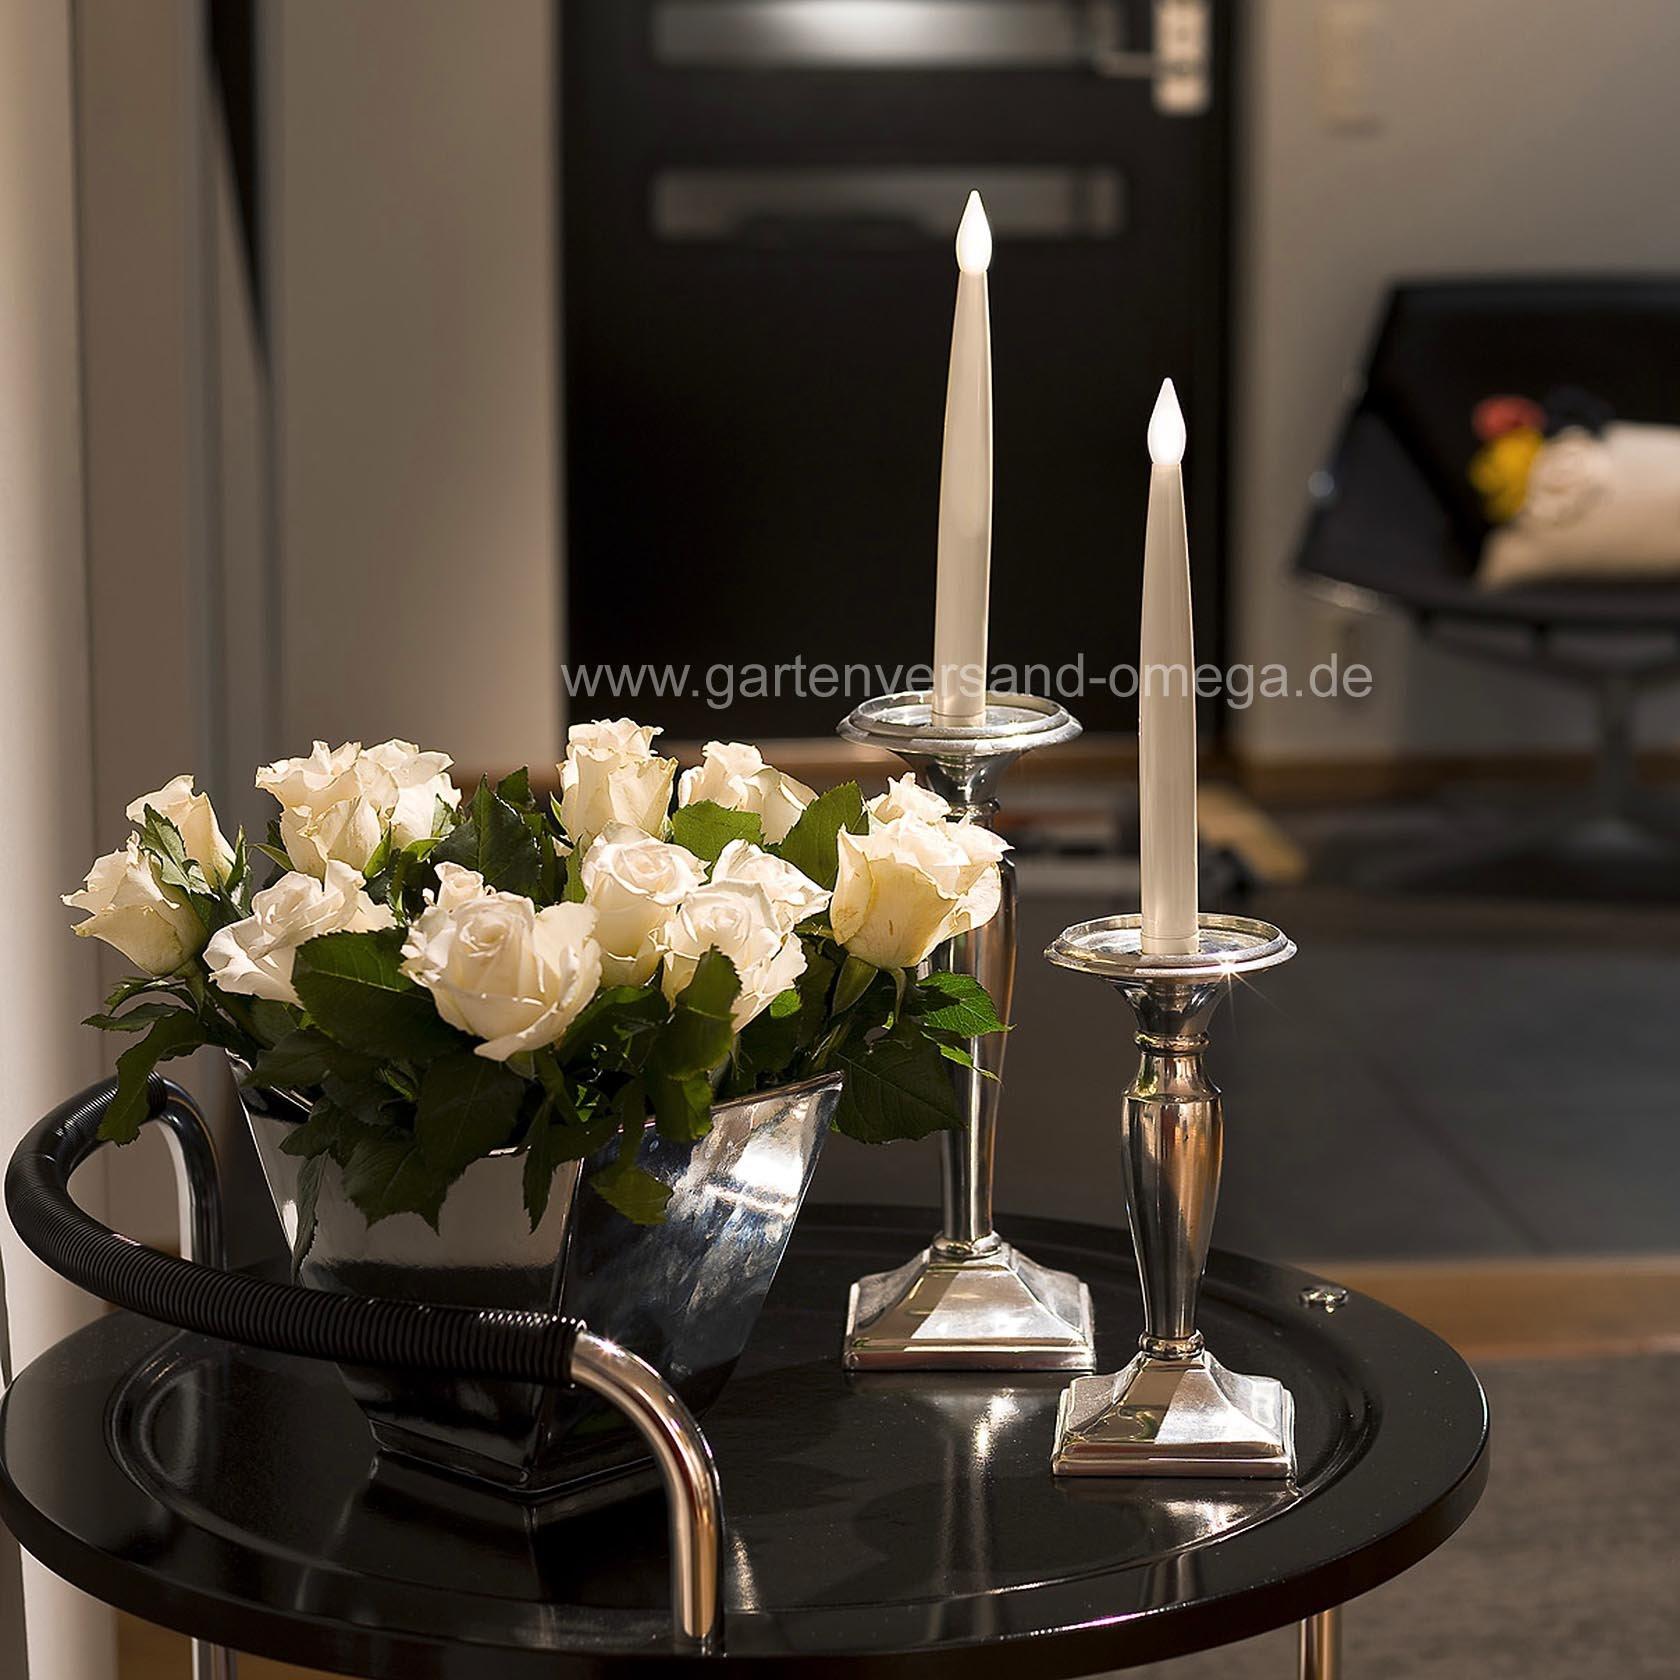 led bilder weihnachten led weihnachtsbild adventskranz mit 4 lichtern weihnachten winter led. Black Bedroom Furniture Sets. Home Design Ideas